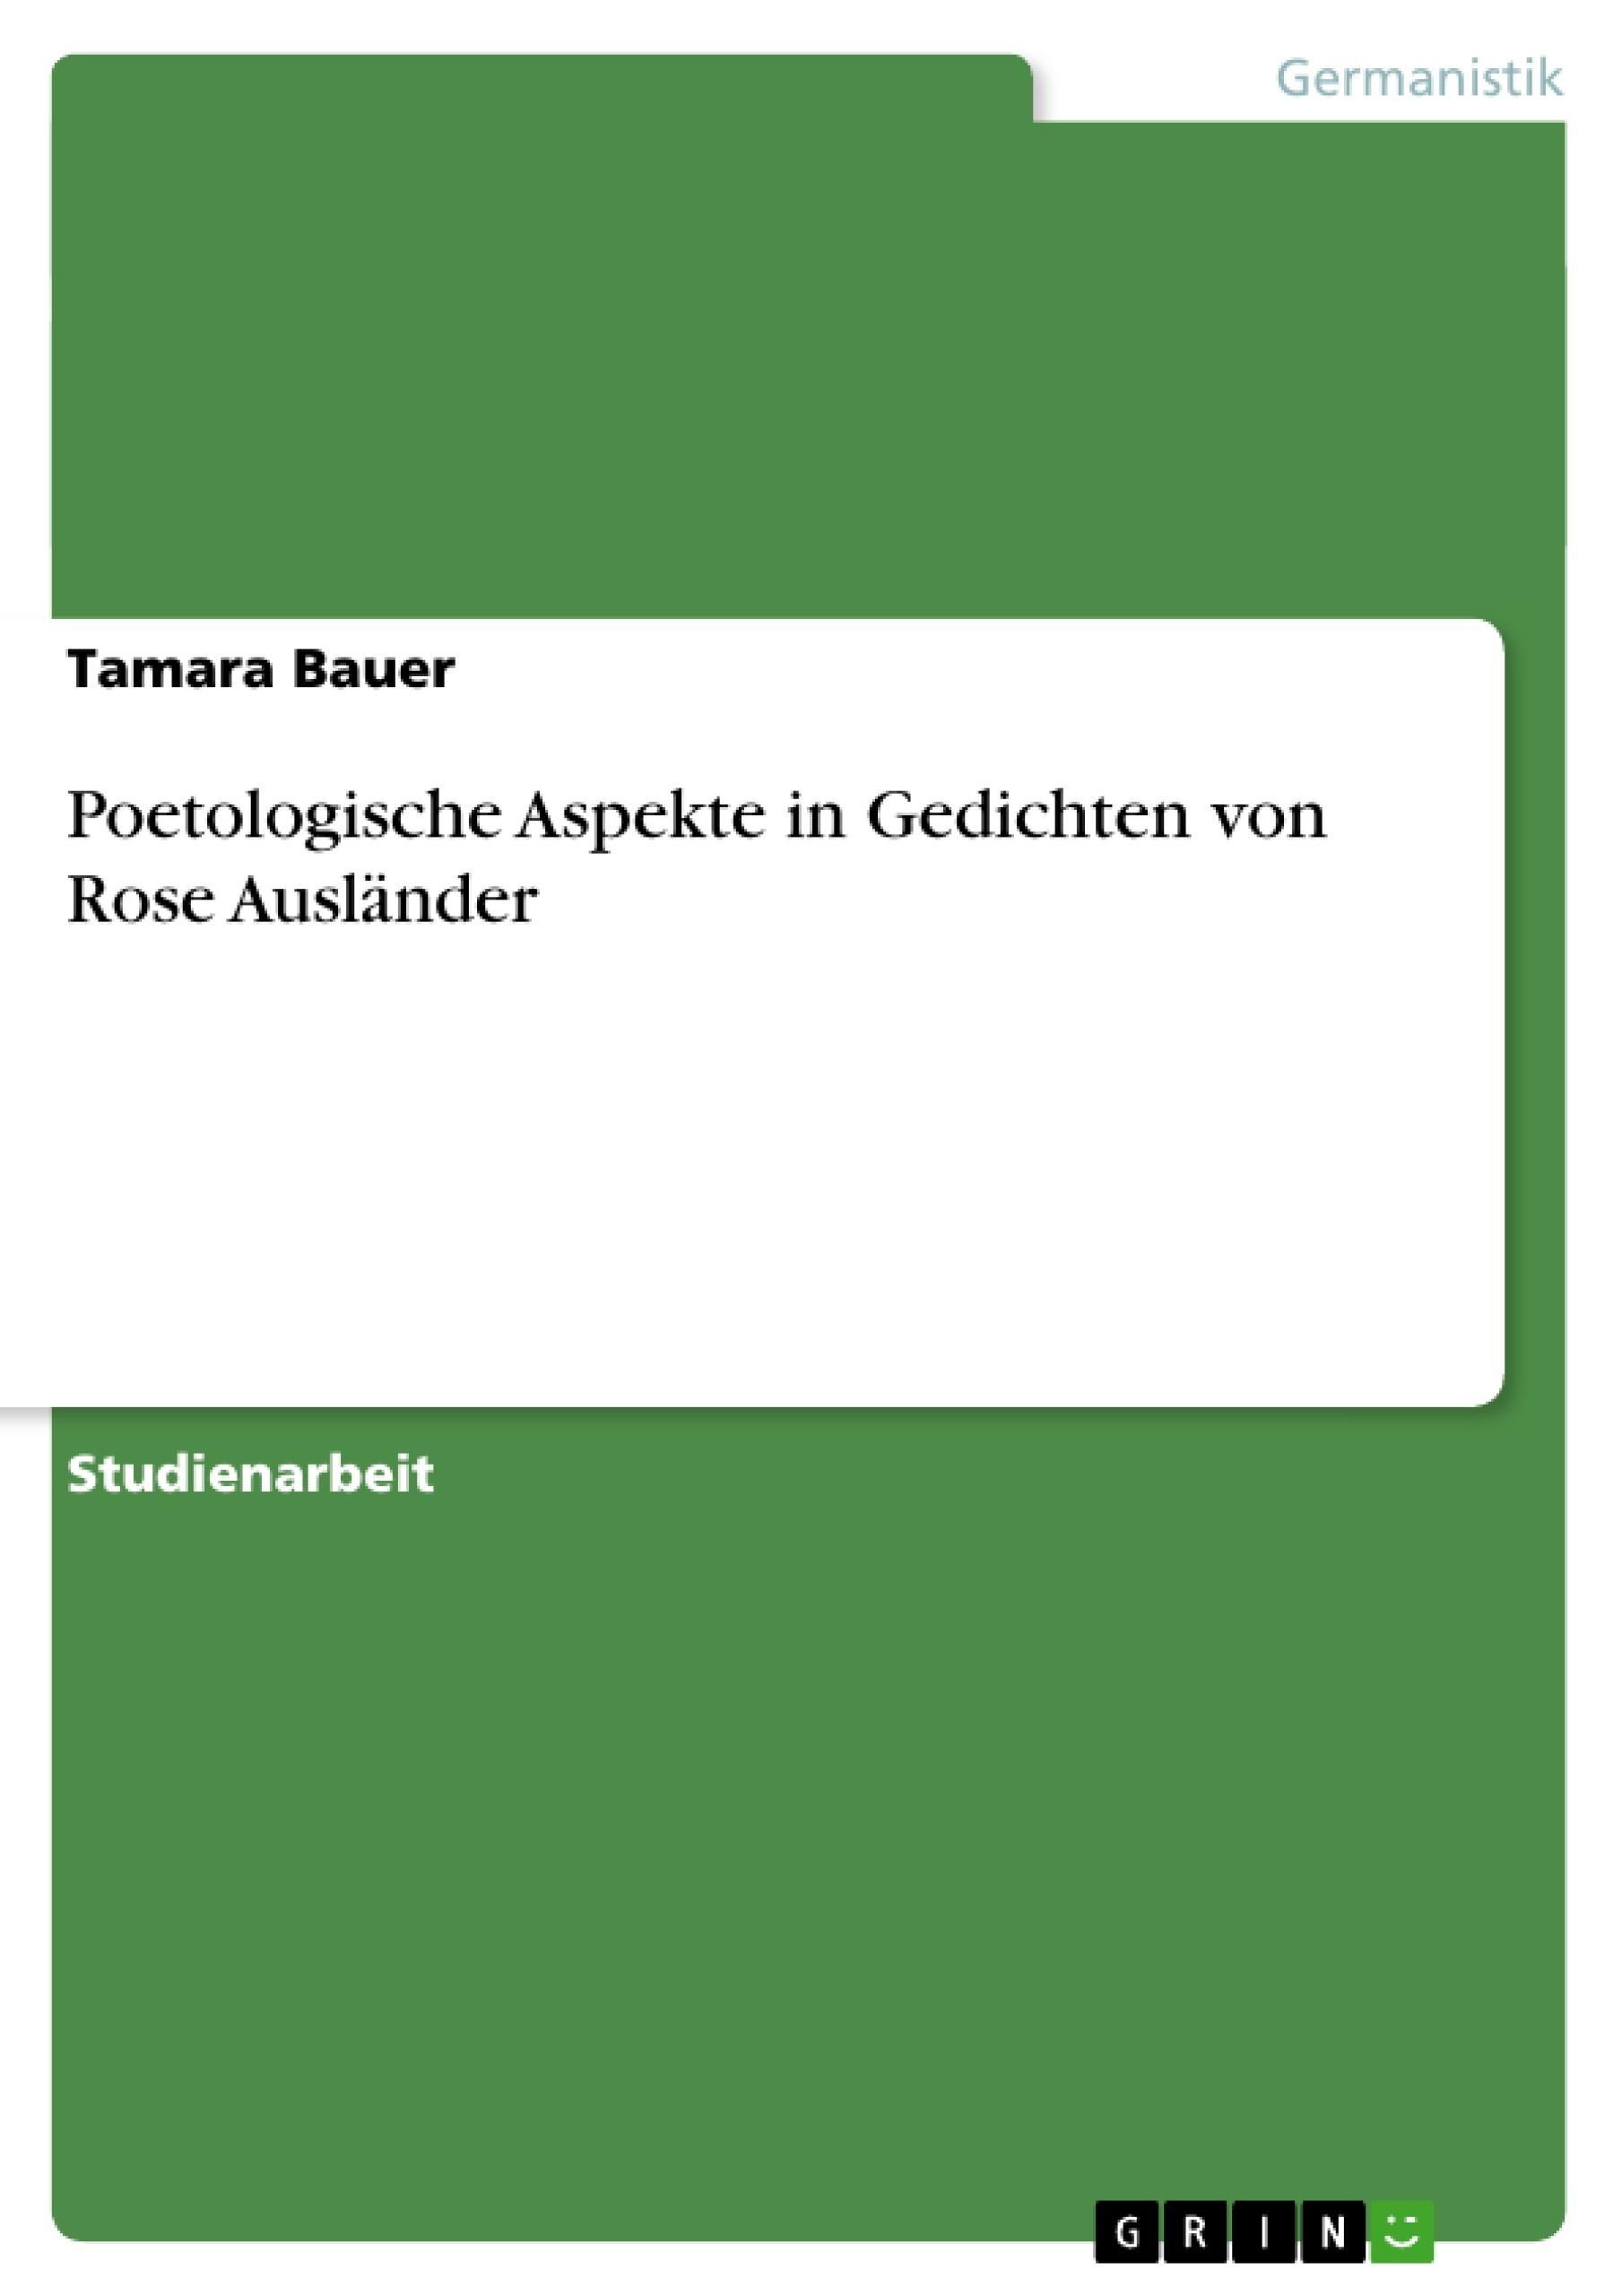 Titel: Poetologische Aspekte in Gedichten von Rose Ausländer